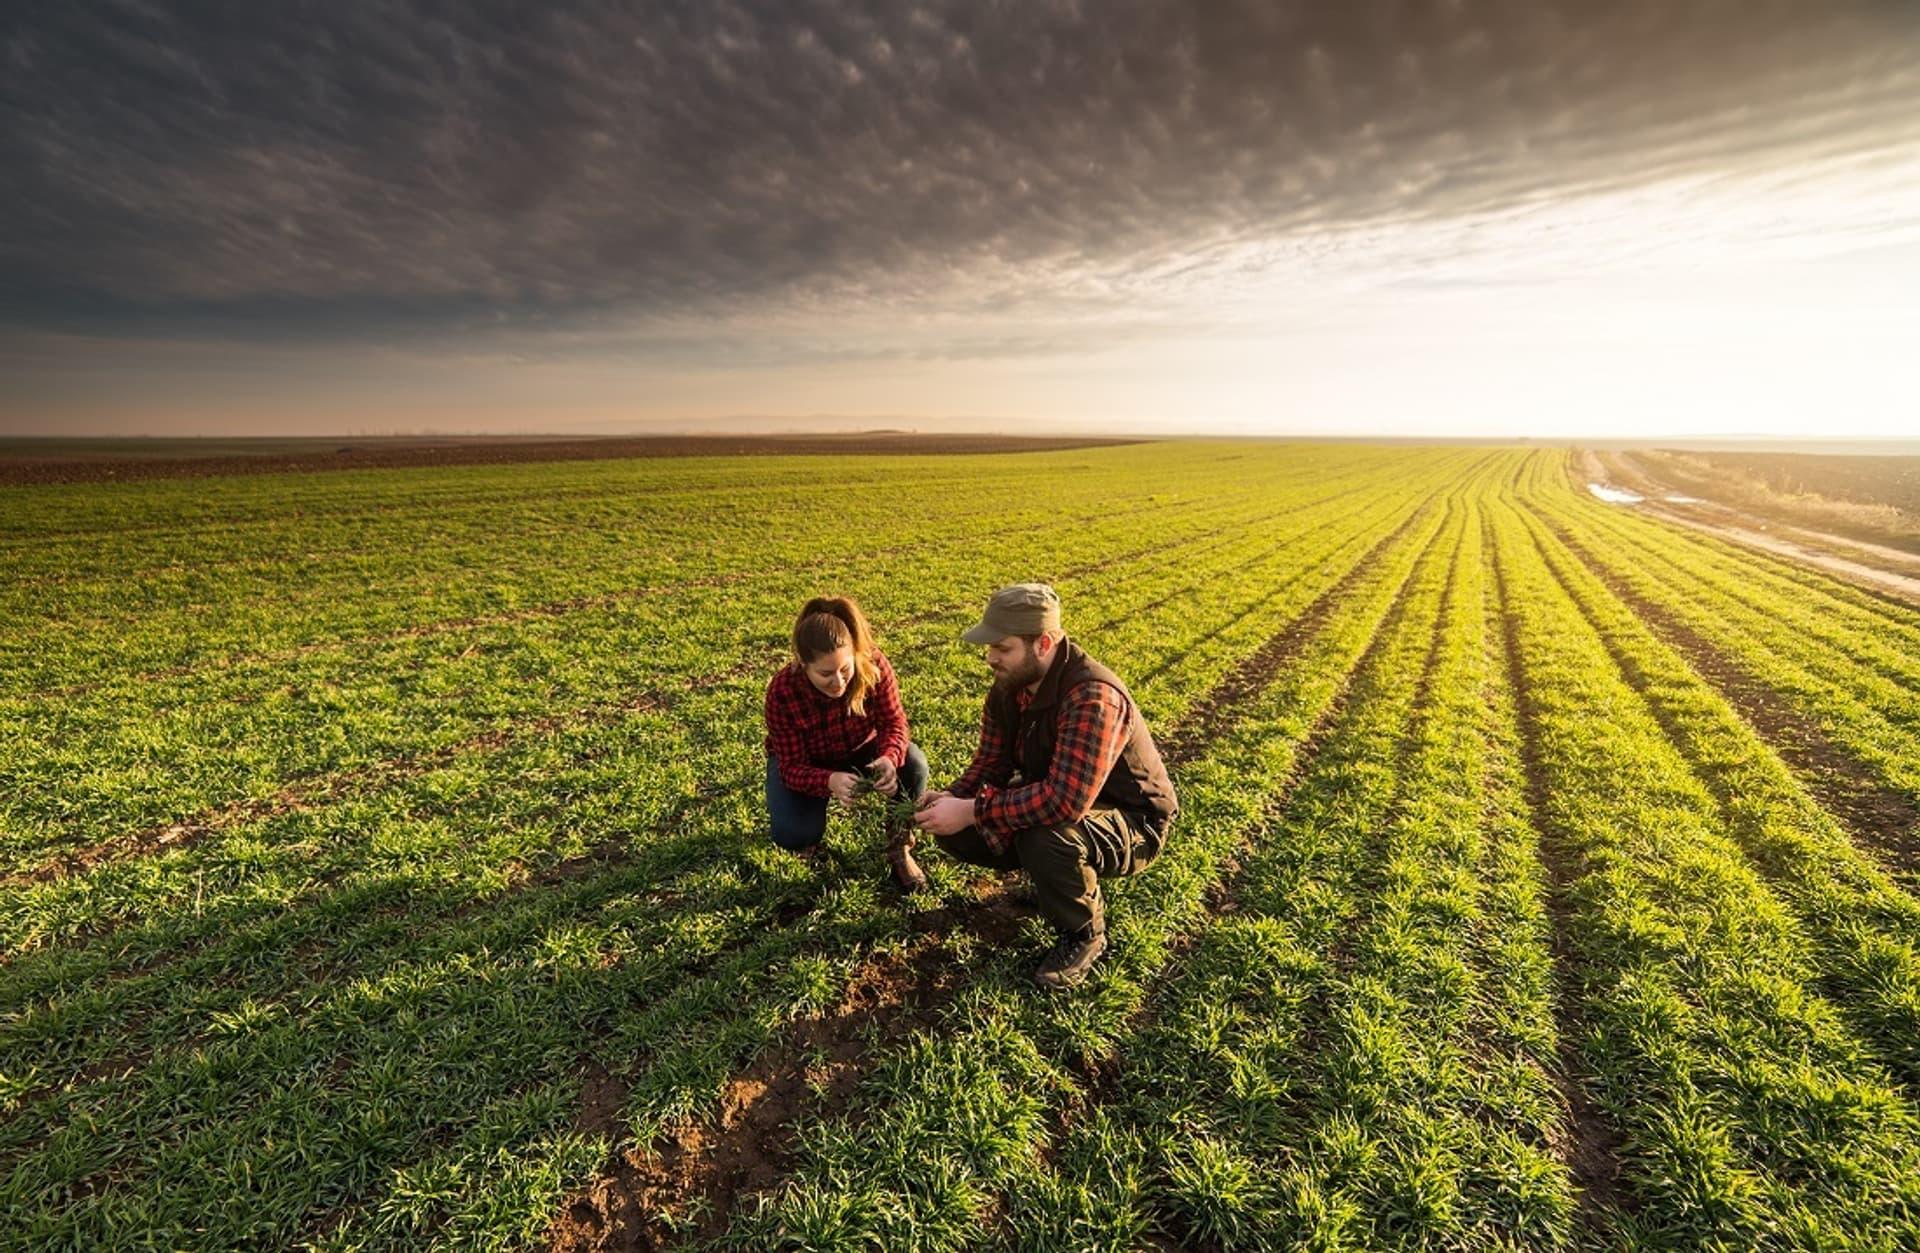 Große Schläge, kleine Einkommen, kaputte Umwelt: Konventionelle Landwirtschaft vor dem Aus?